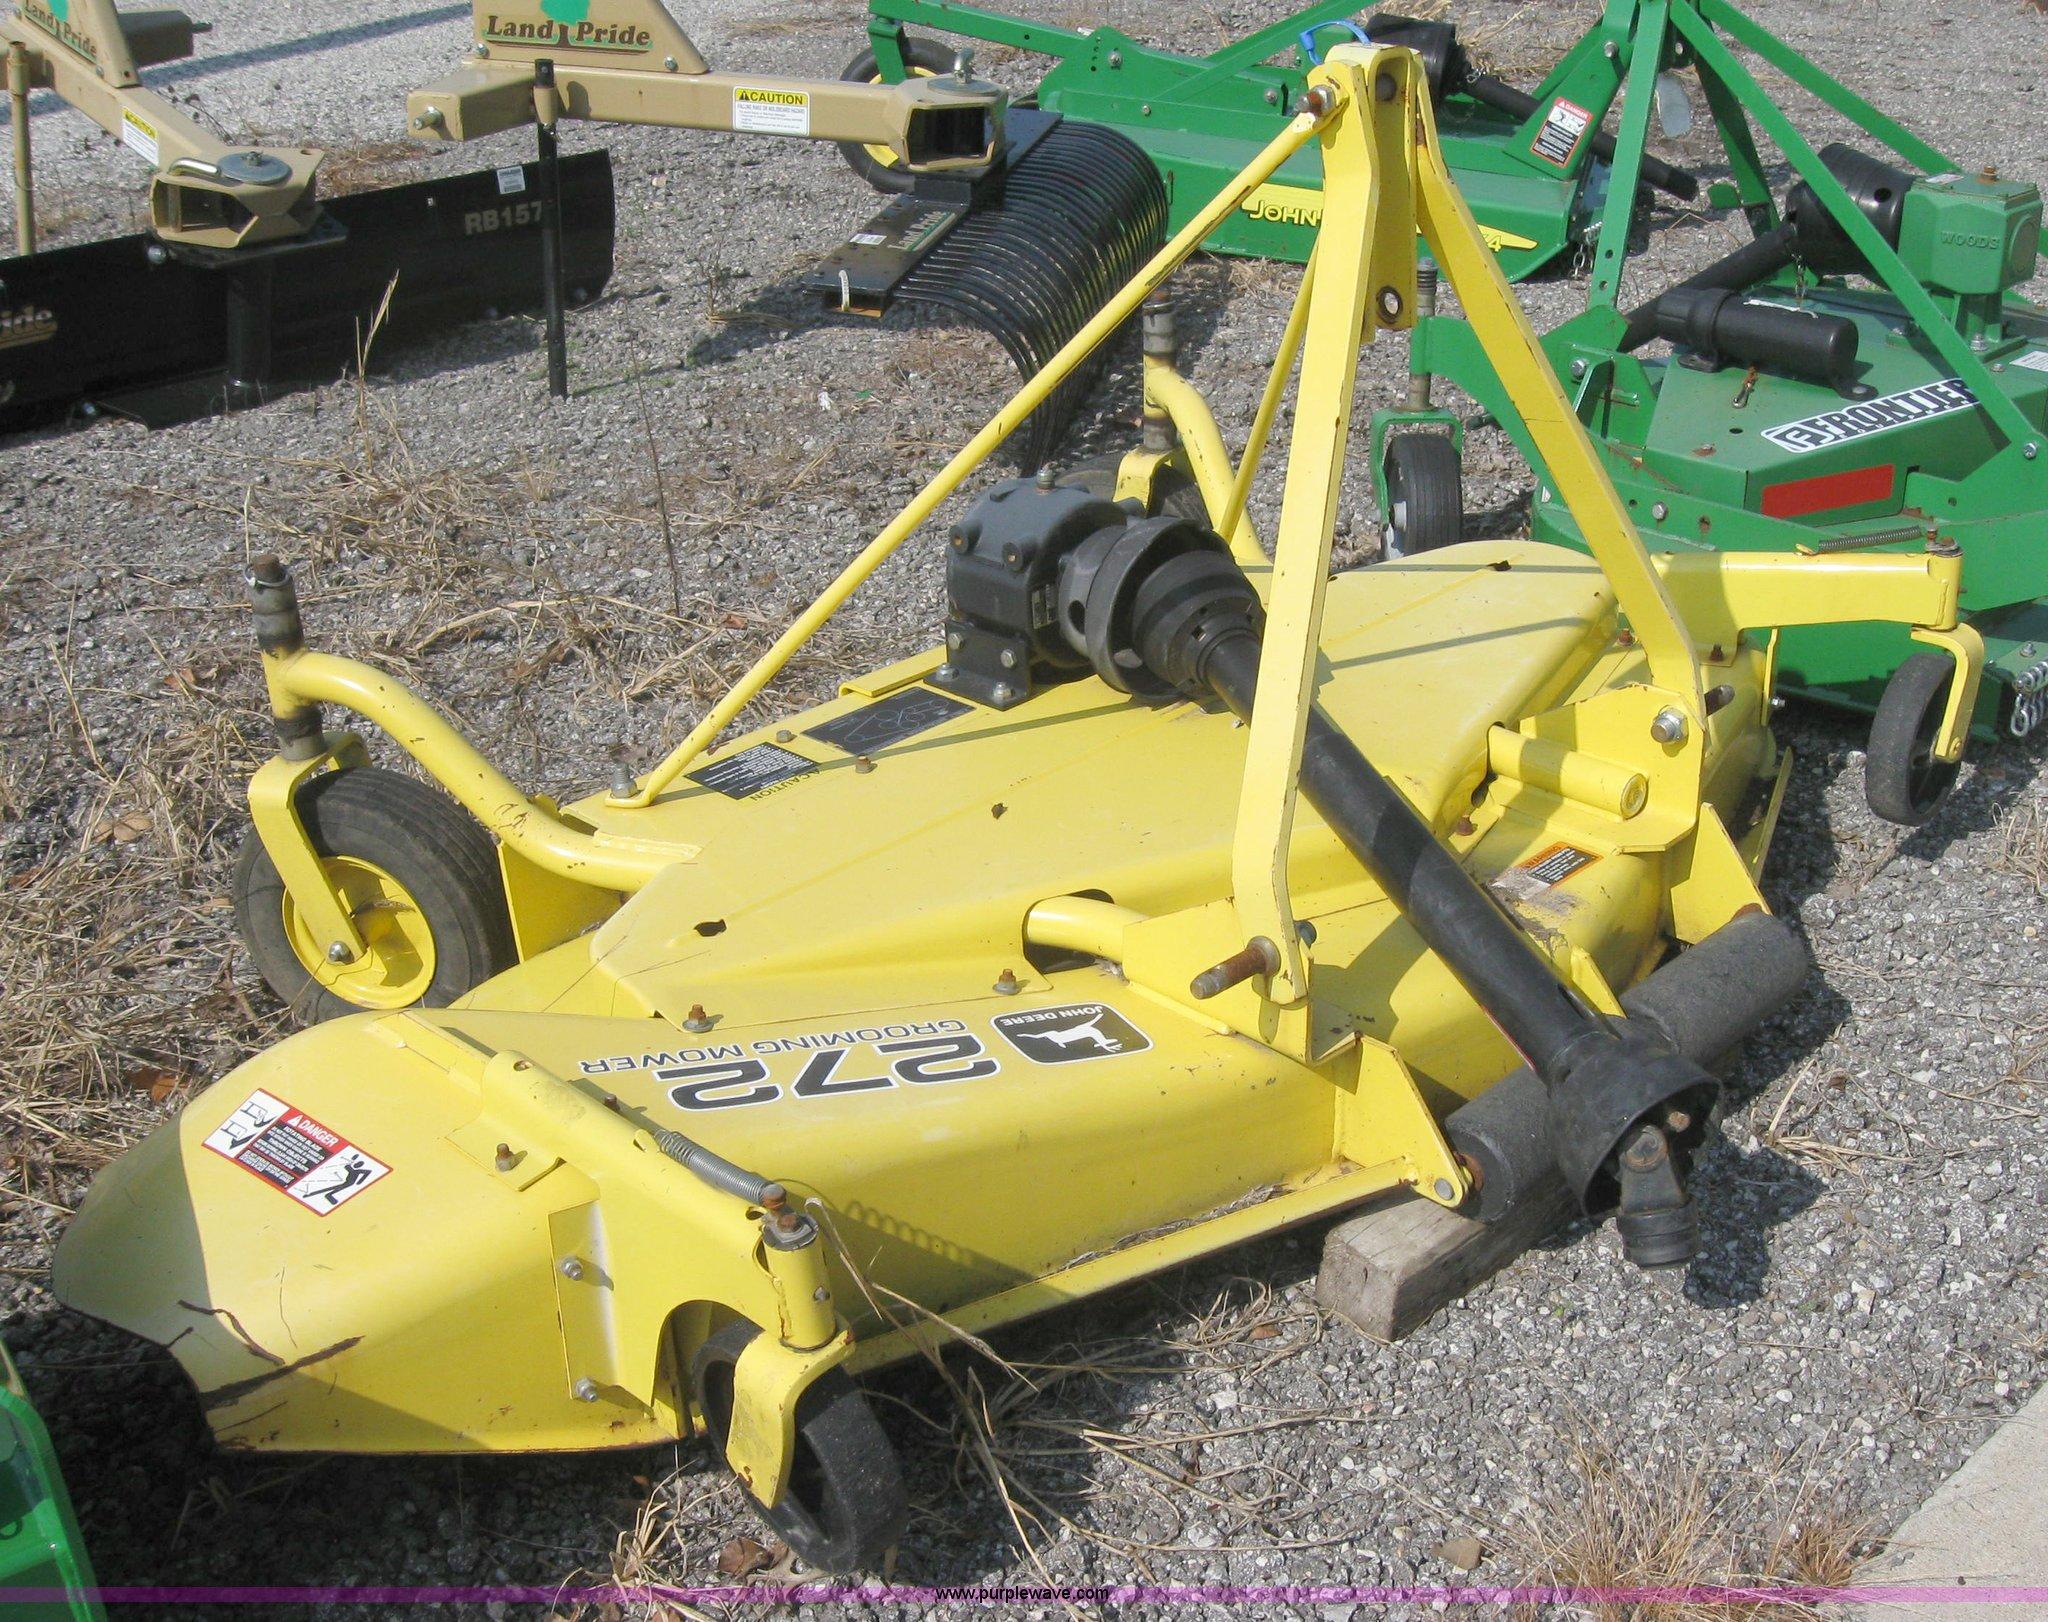 John Deere 272 finish mower | Item 2546 | SOLD! September 29